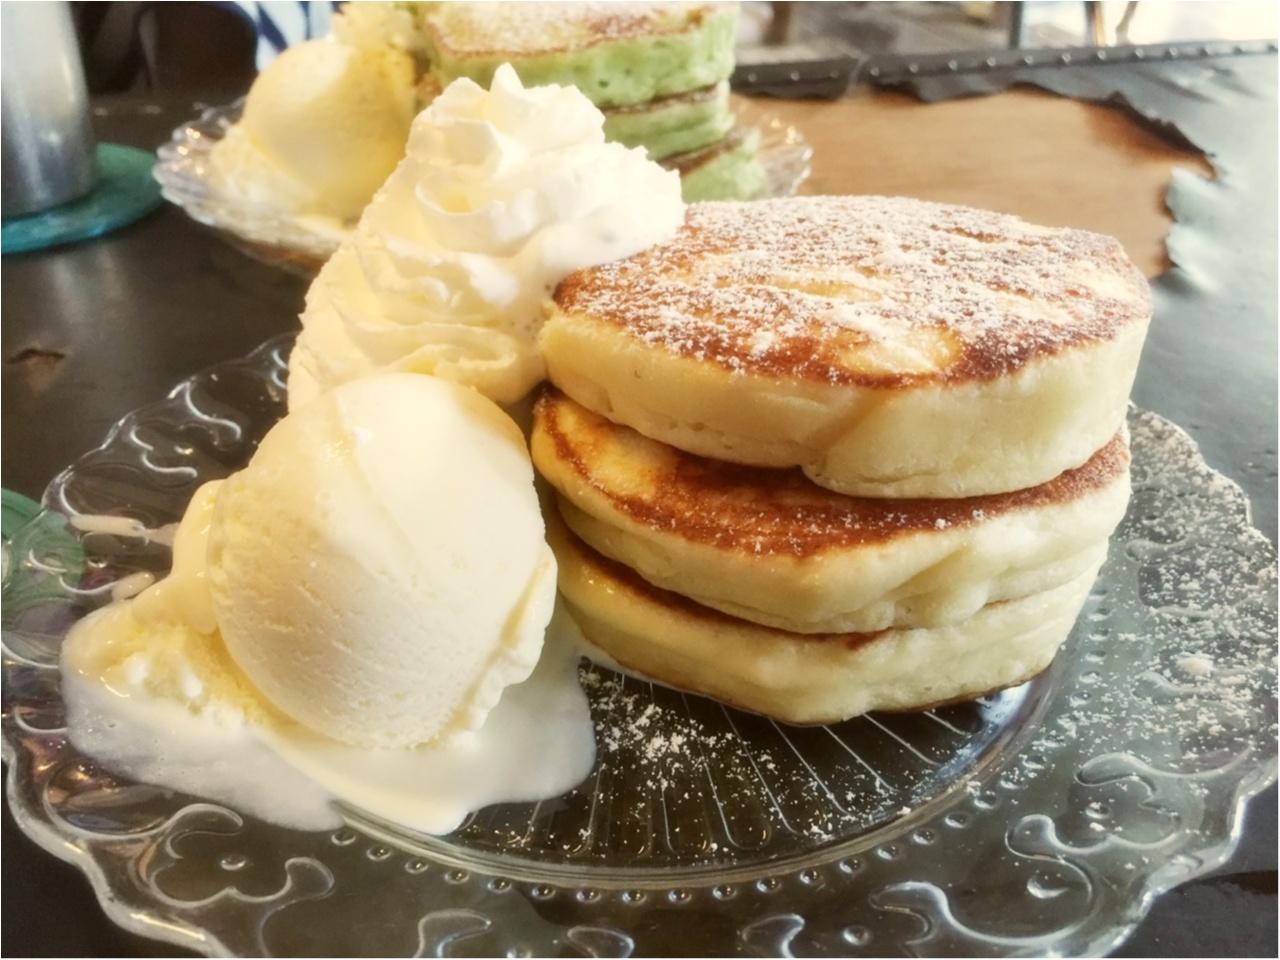 鎌倉の古民家カフェでパンケーキ♡*《mikiのパンケーキメモ》_3